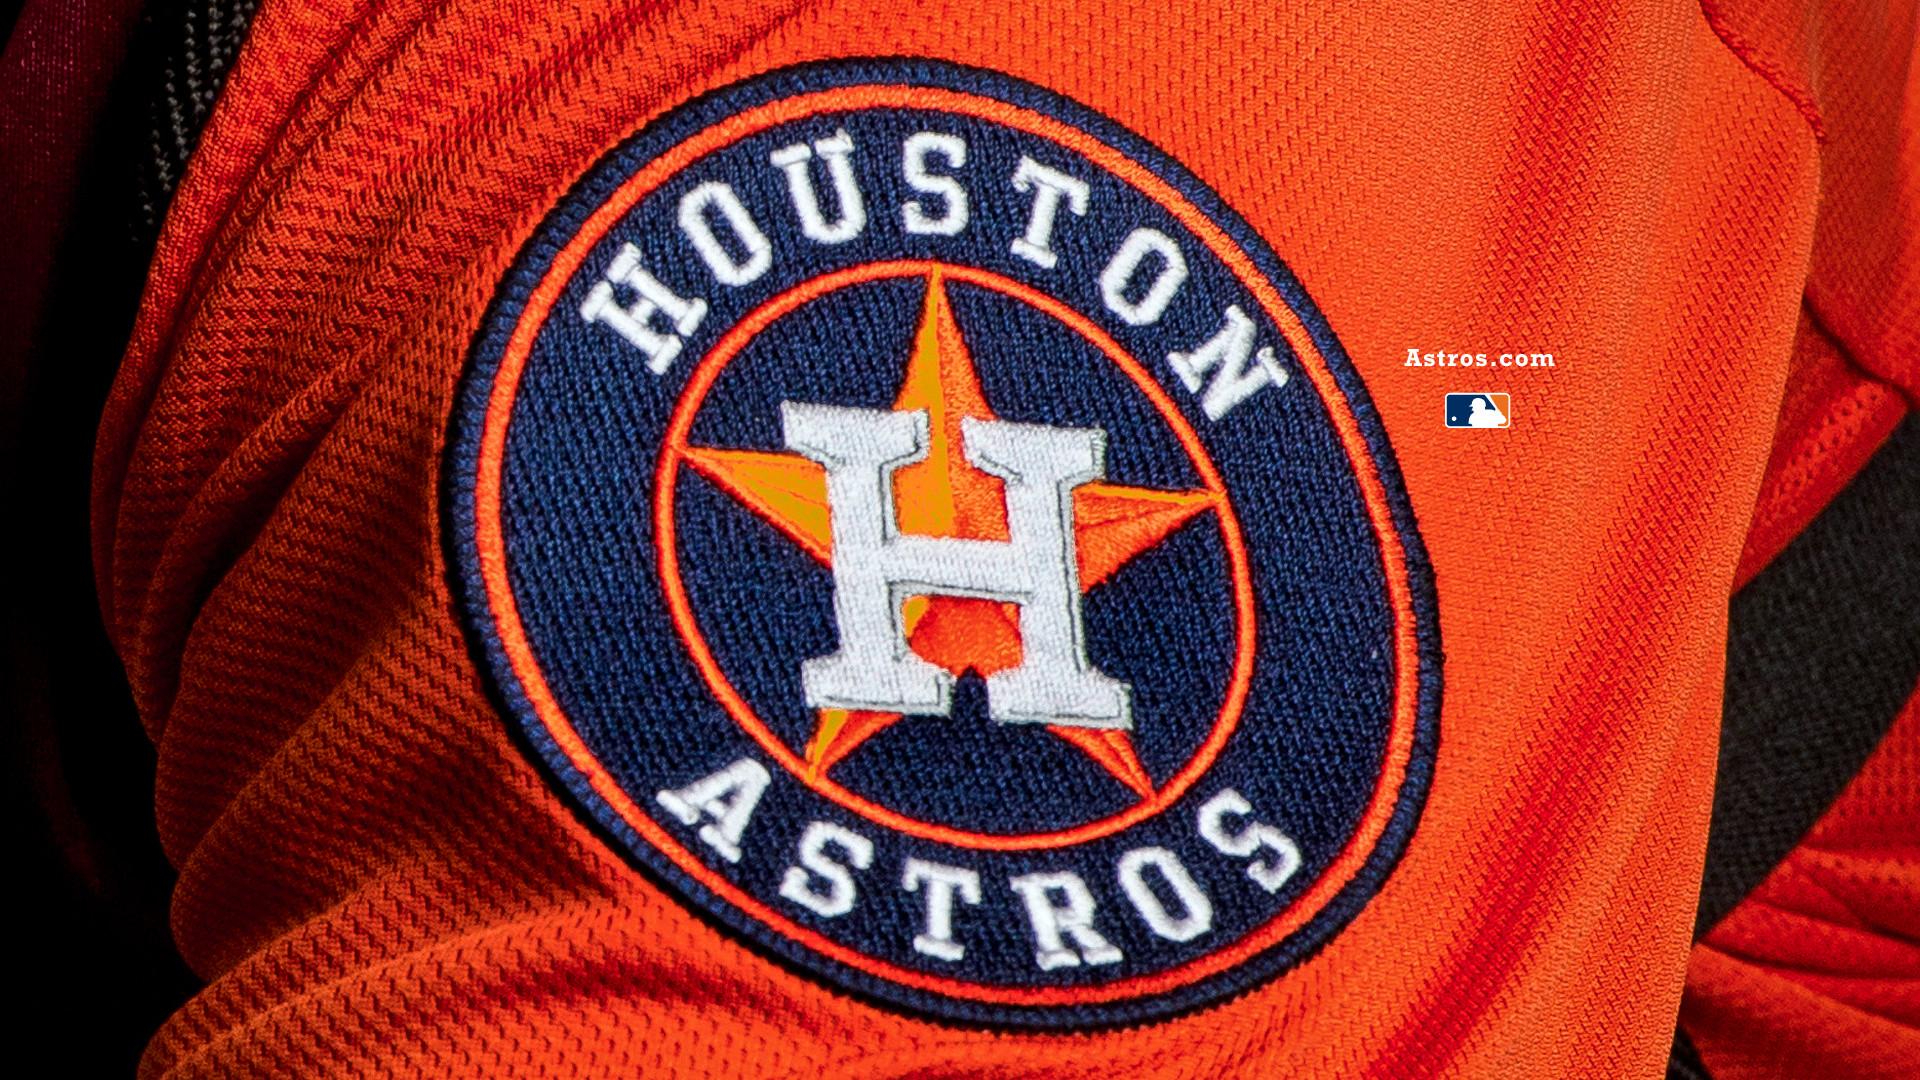 … Astros Baseball Wallpaper HD …